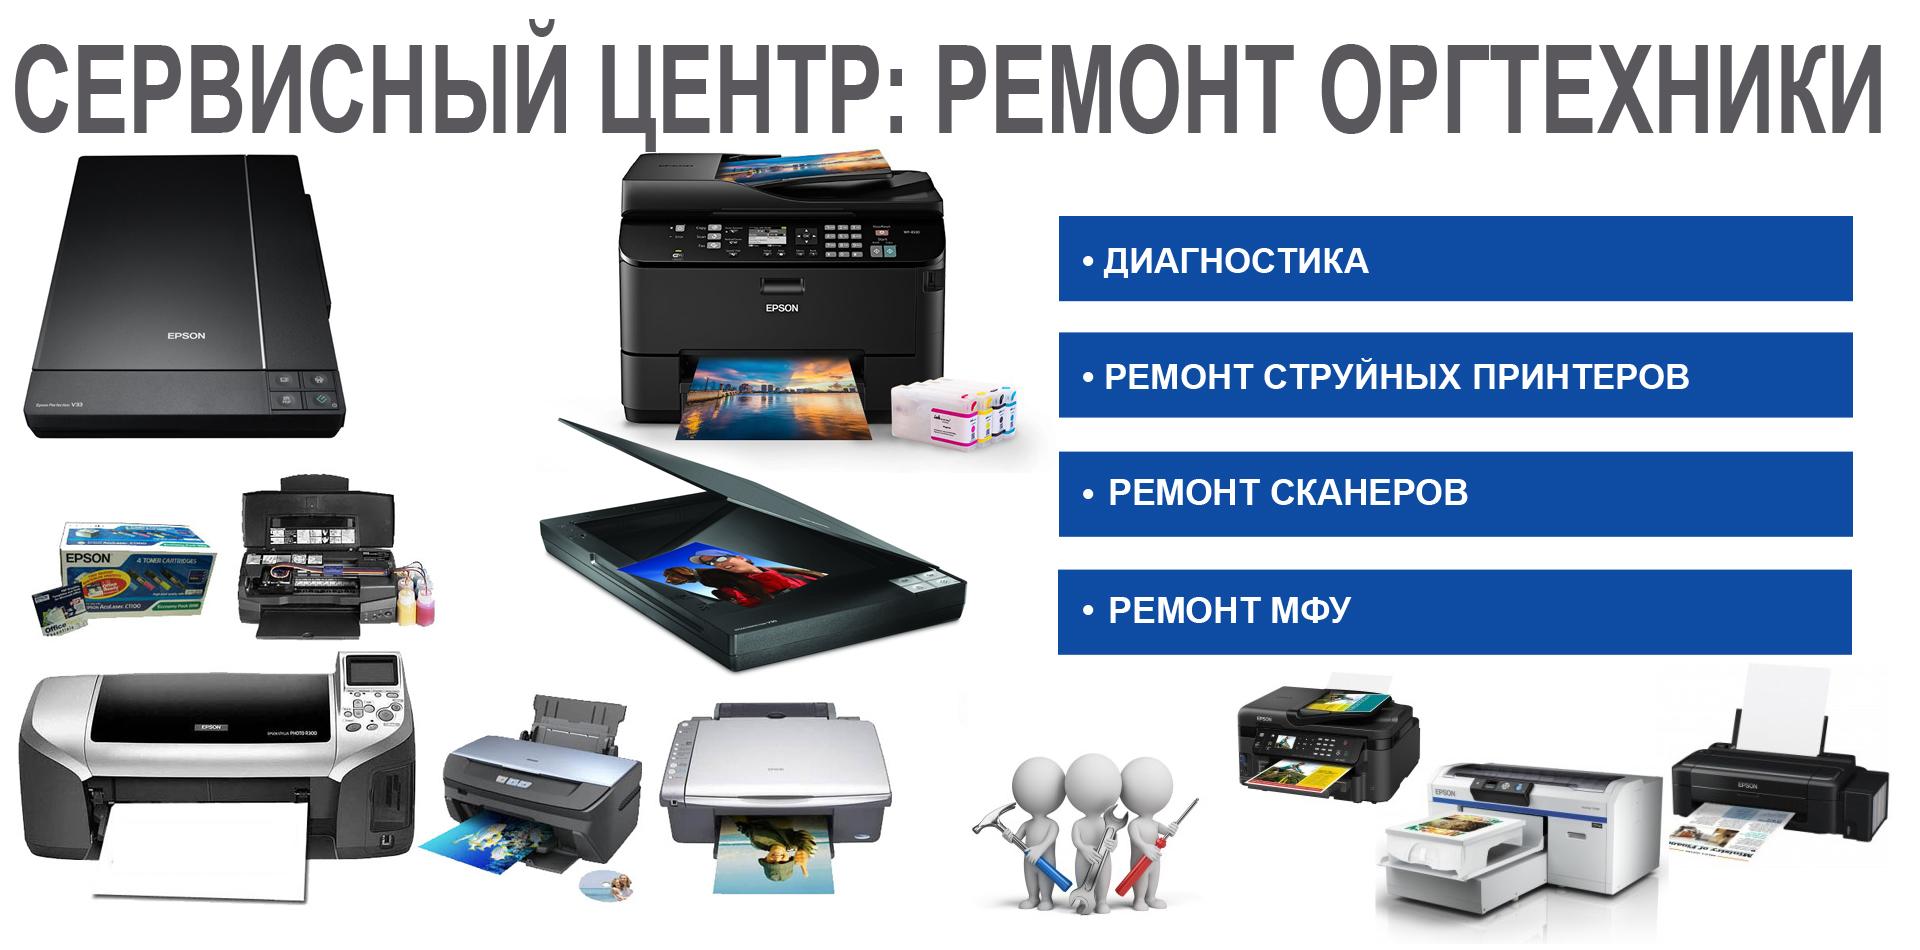 РЕМОНТ ОРГ. ТЕХНИКИ